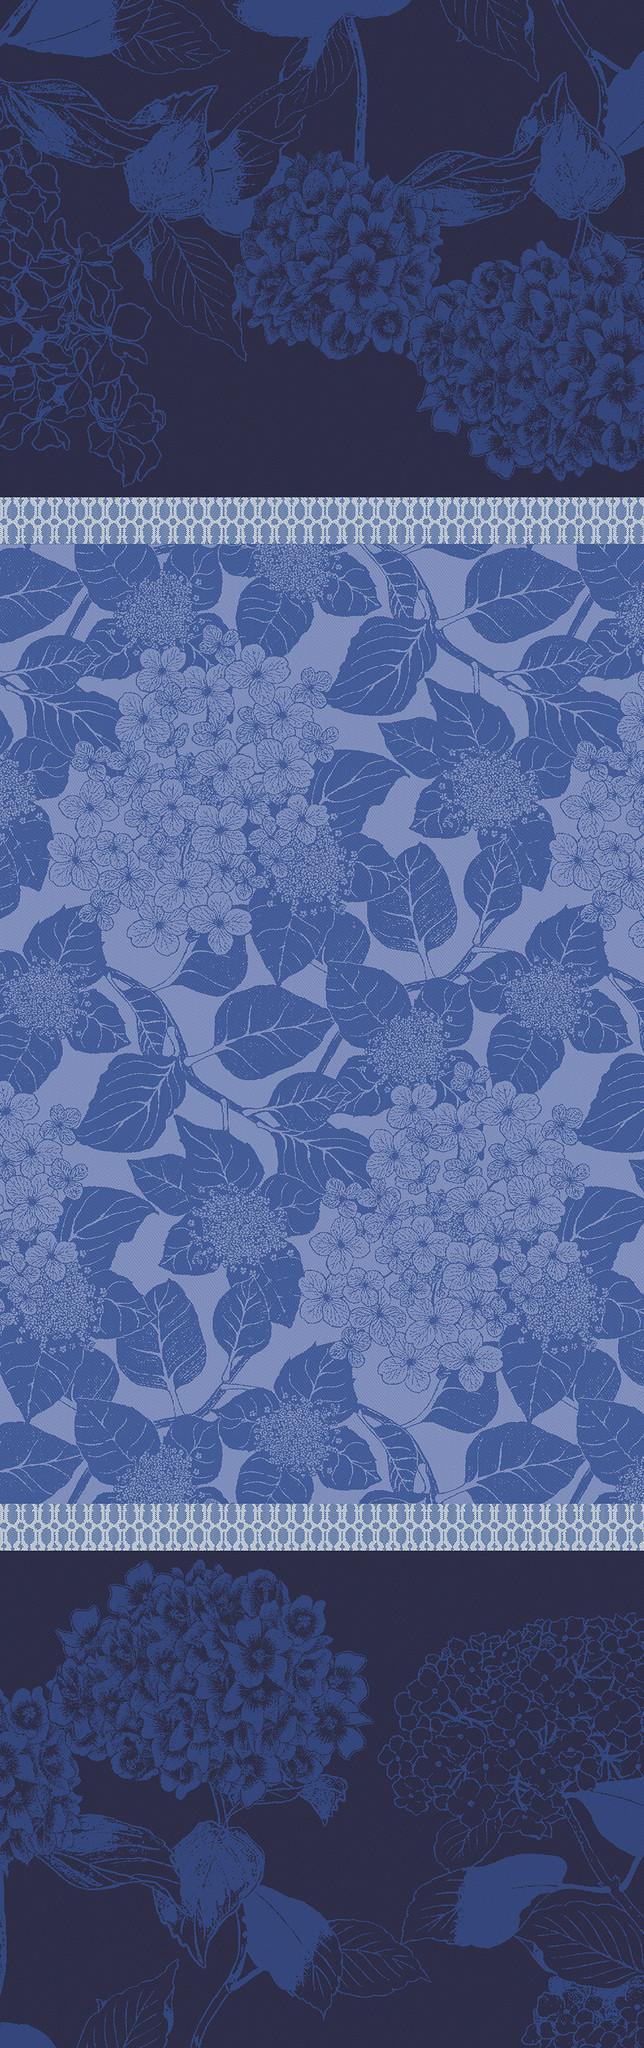 Garnier Thiebaut Tischläufer Hortensias bleu coton bio 175x55cm